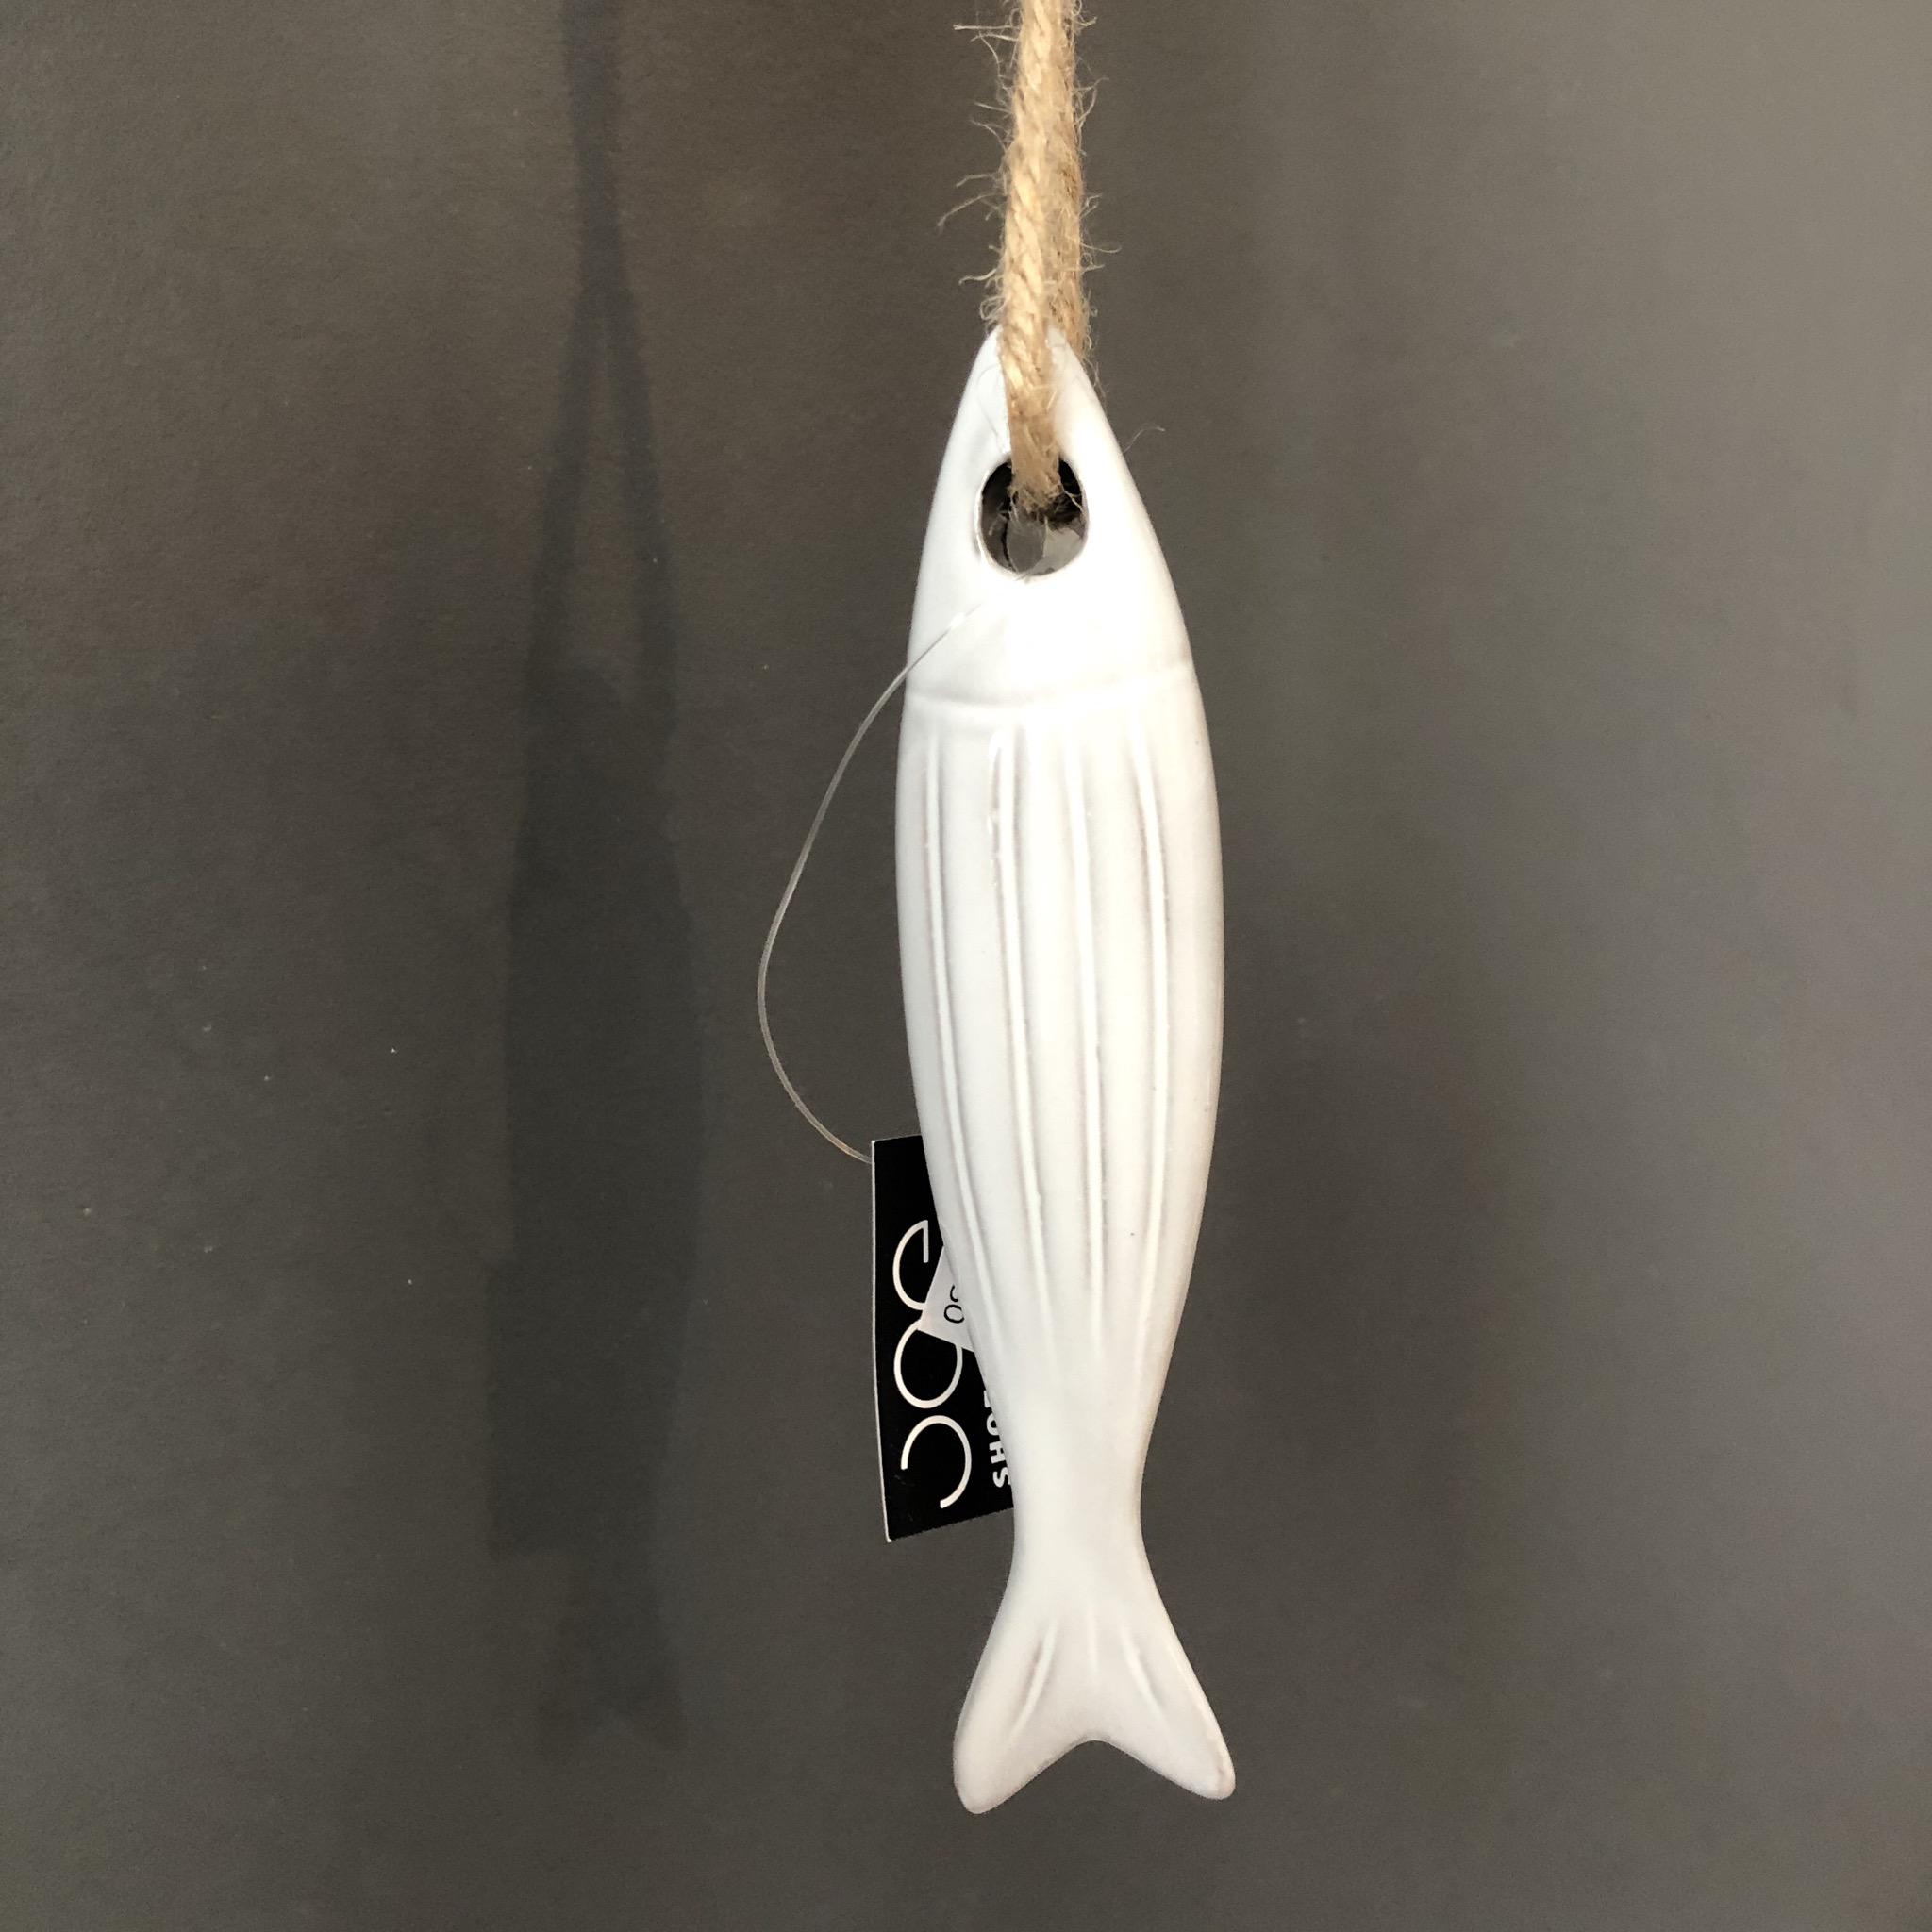 Ceramic hanging fish by shoeless joe